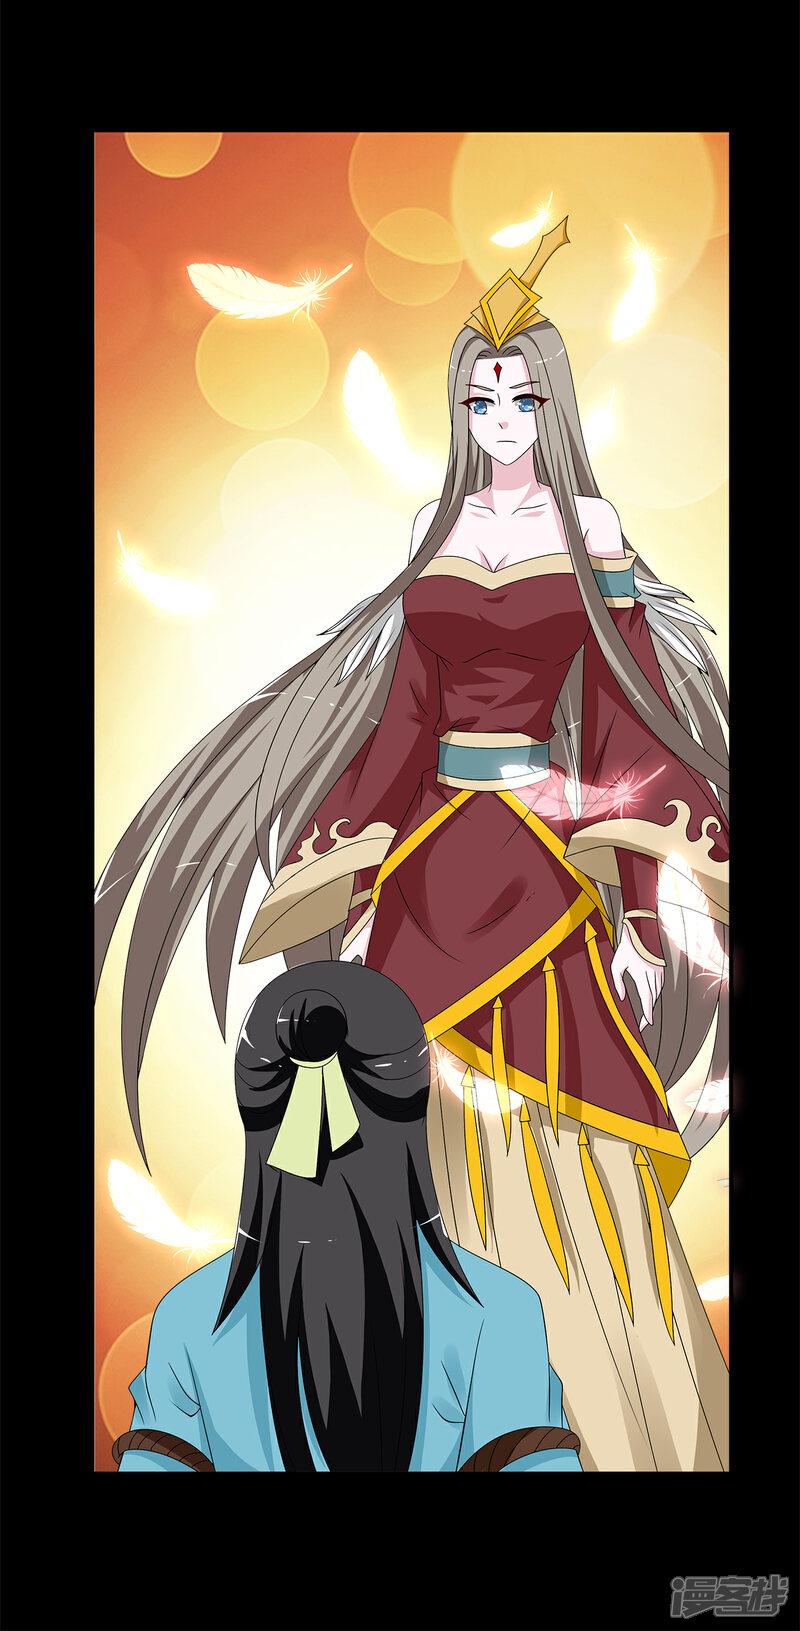 洛小妖209 (4)-3.jpg